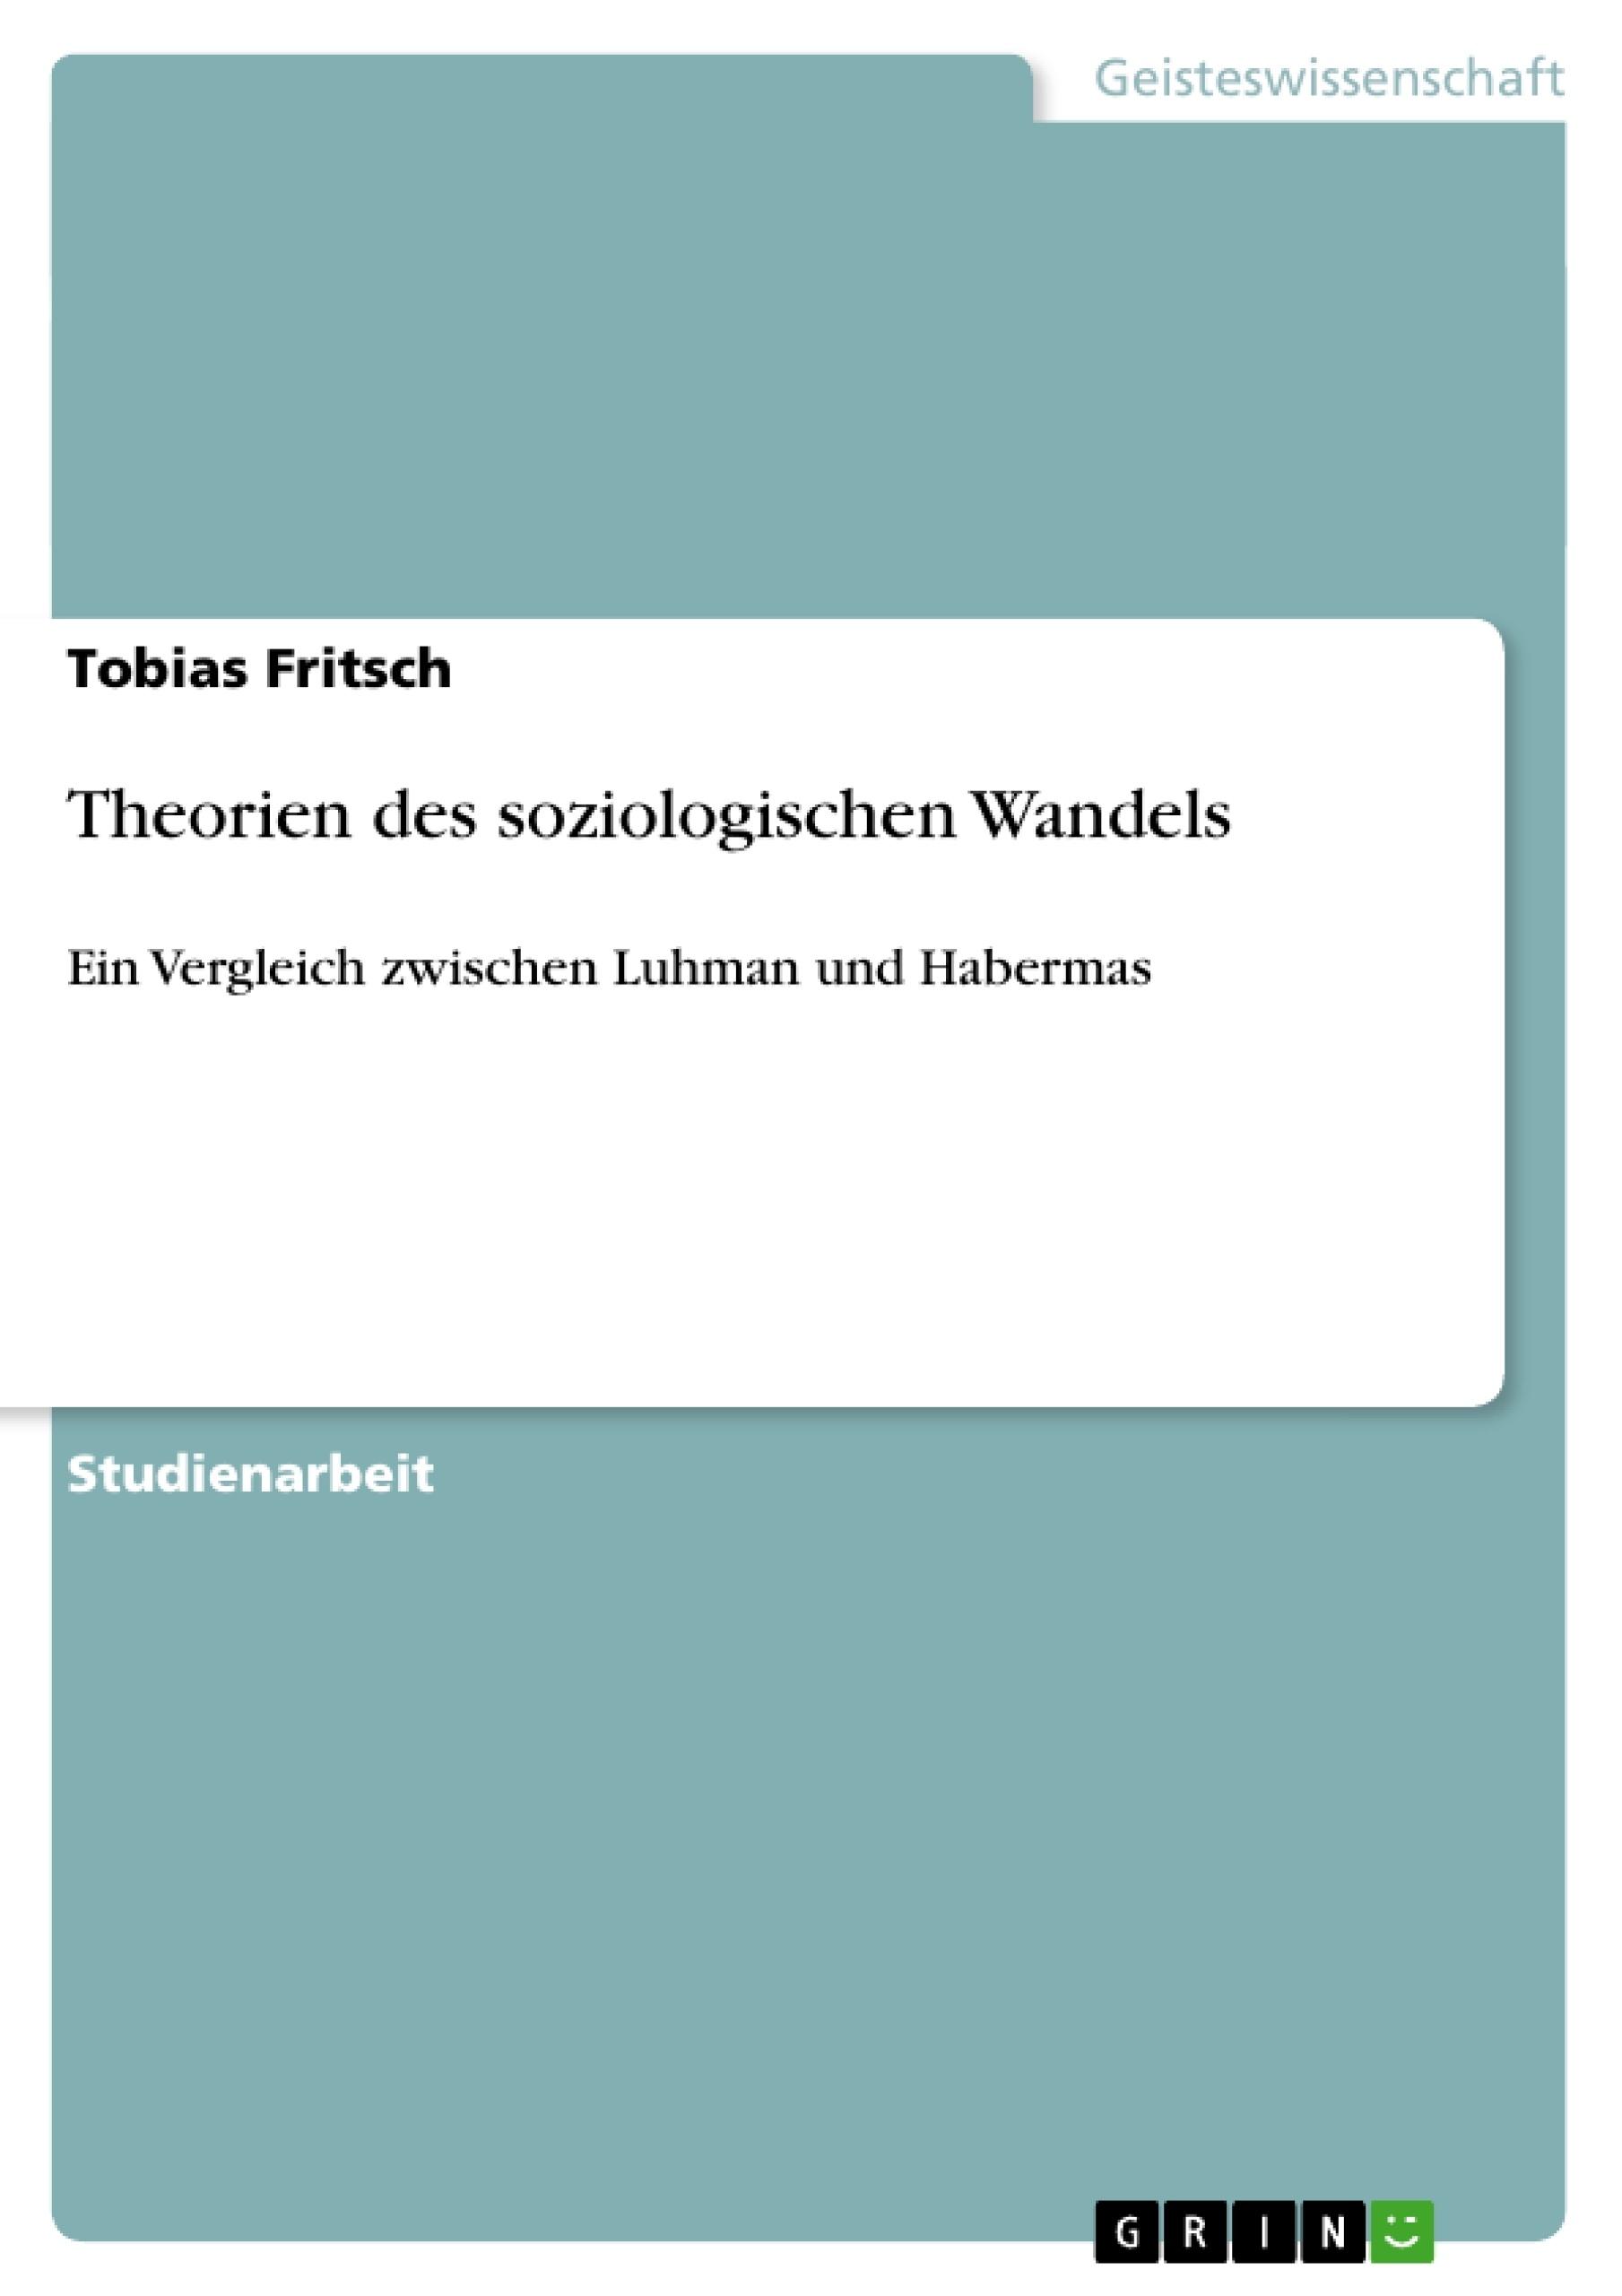 Titel: Theorien des soziologischen Wandels